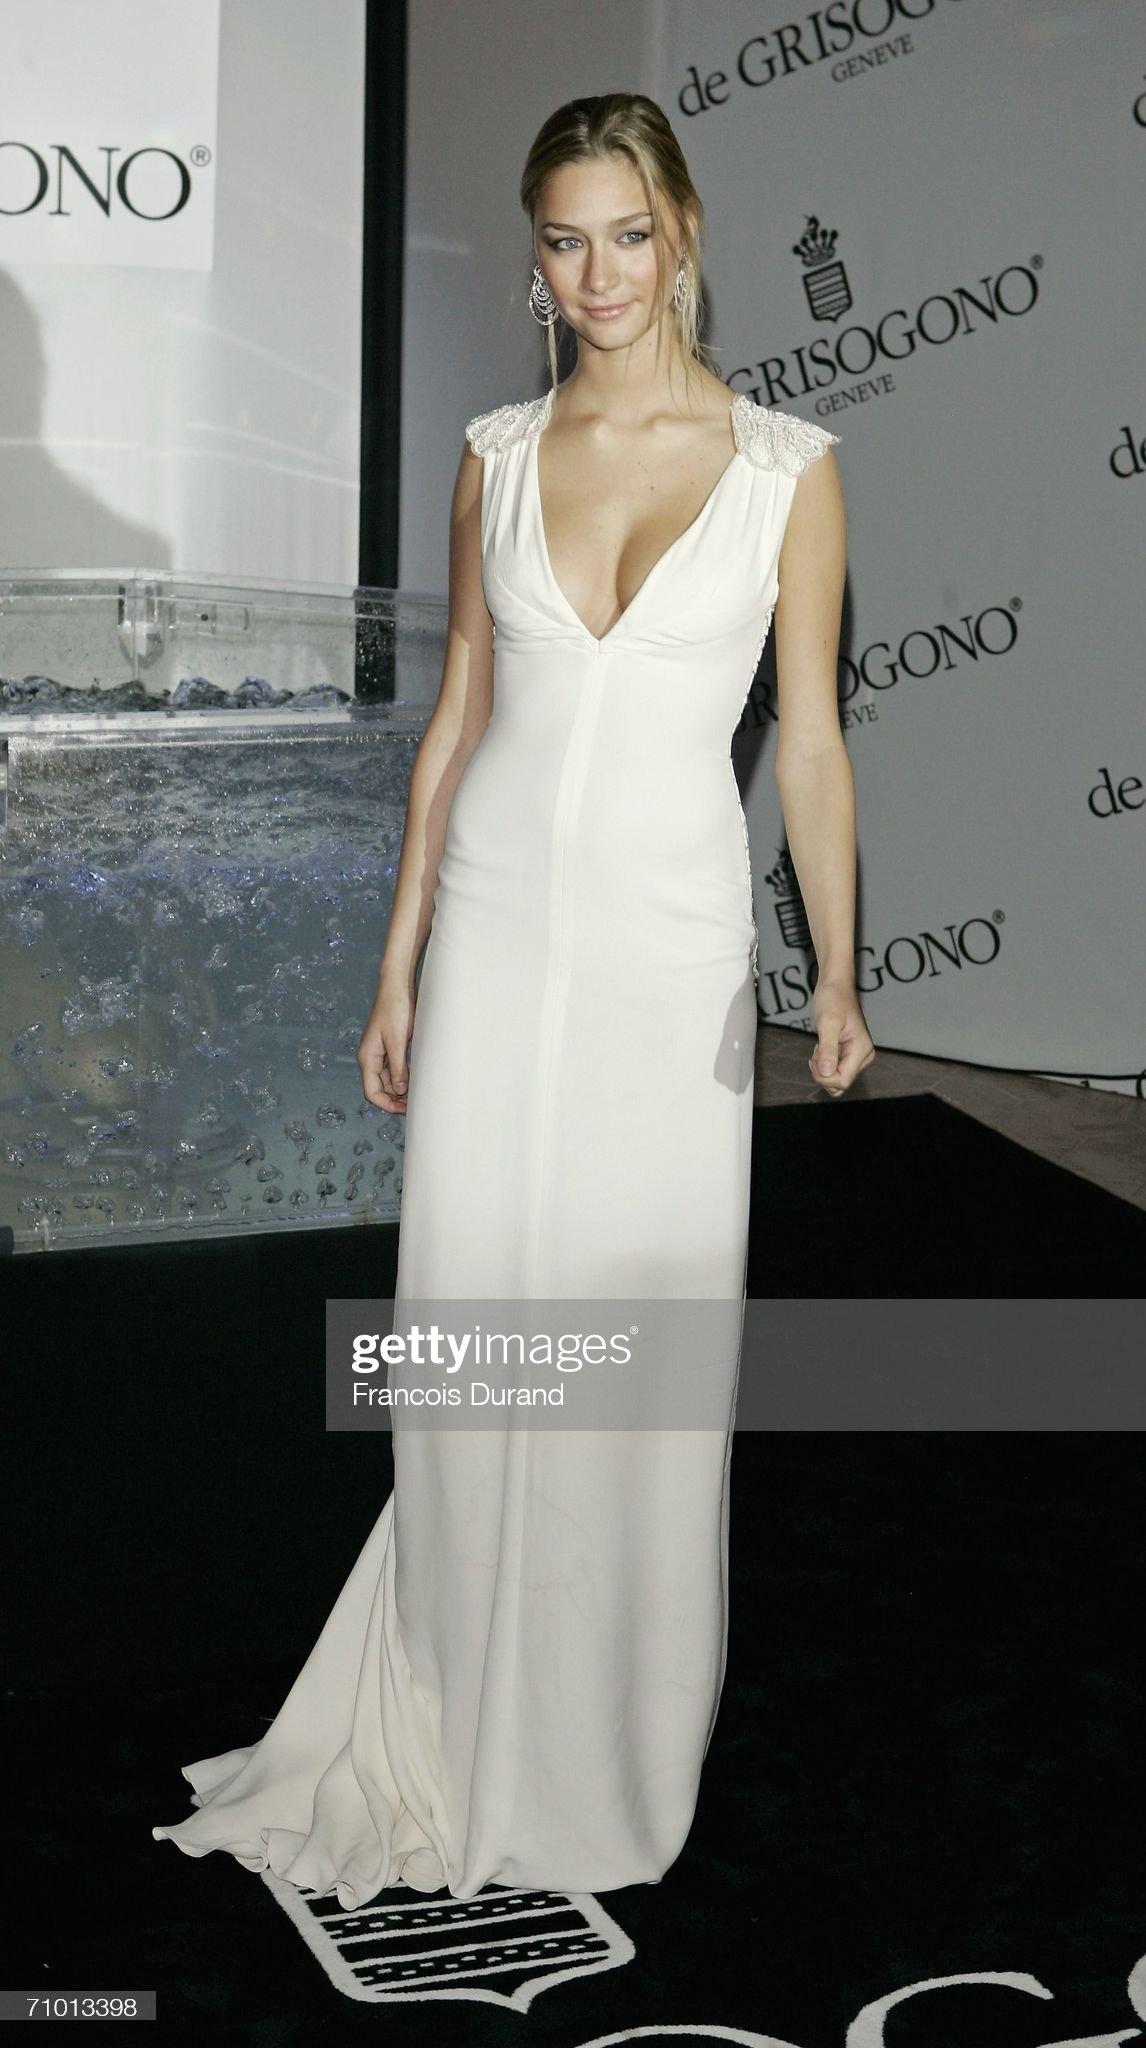 Cannes - De Grisogono Party : News Photo